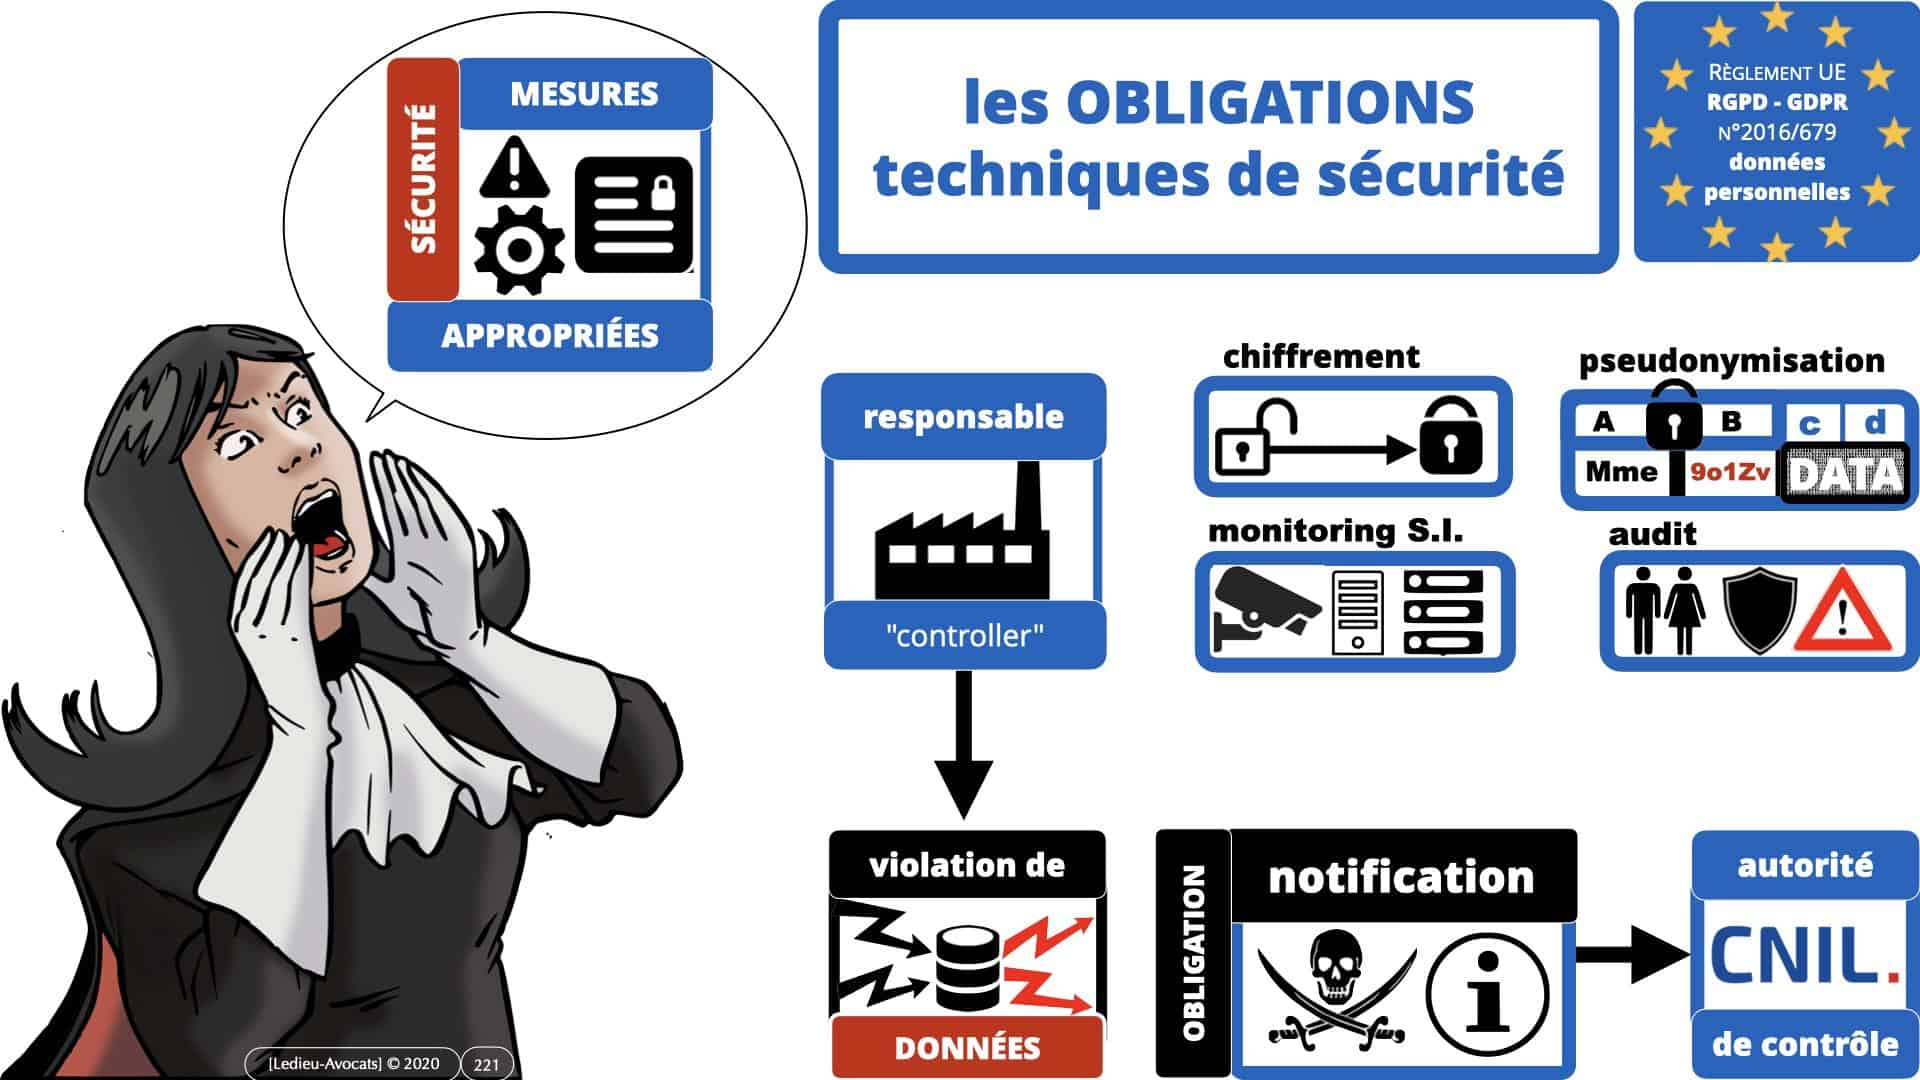 RGPD e-Privacy données personnelles jurisprudence formation Lamy Les Echos 10-02-2021 ©Ledieu-Avocats.221